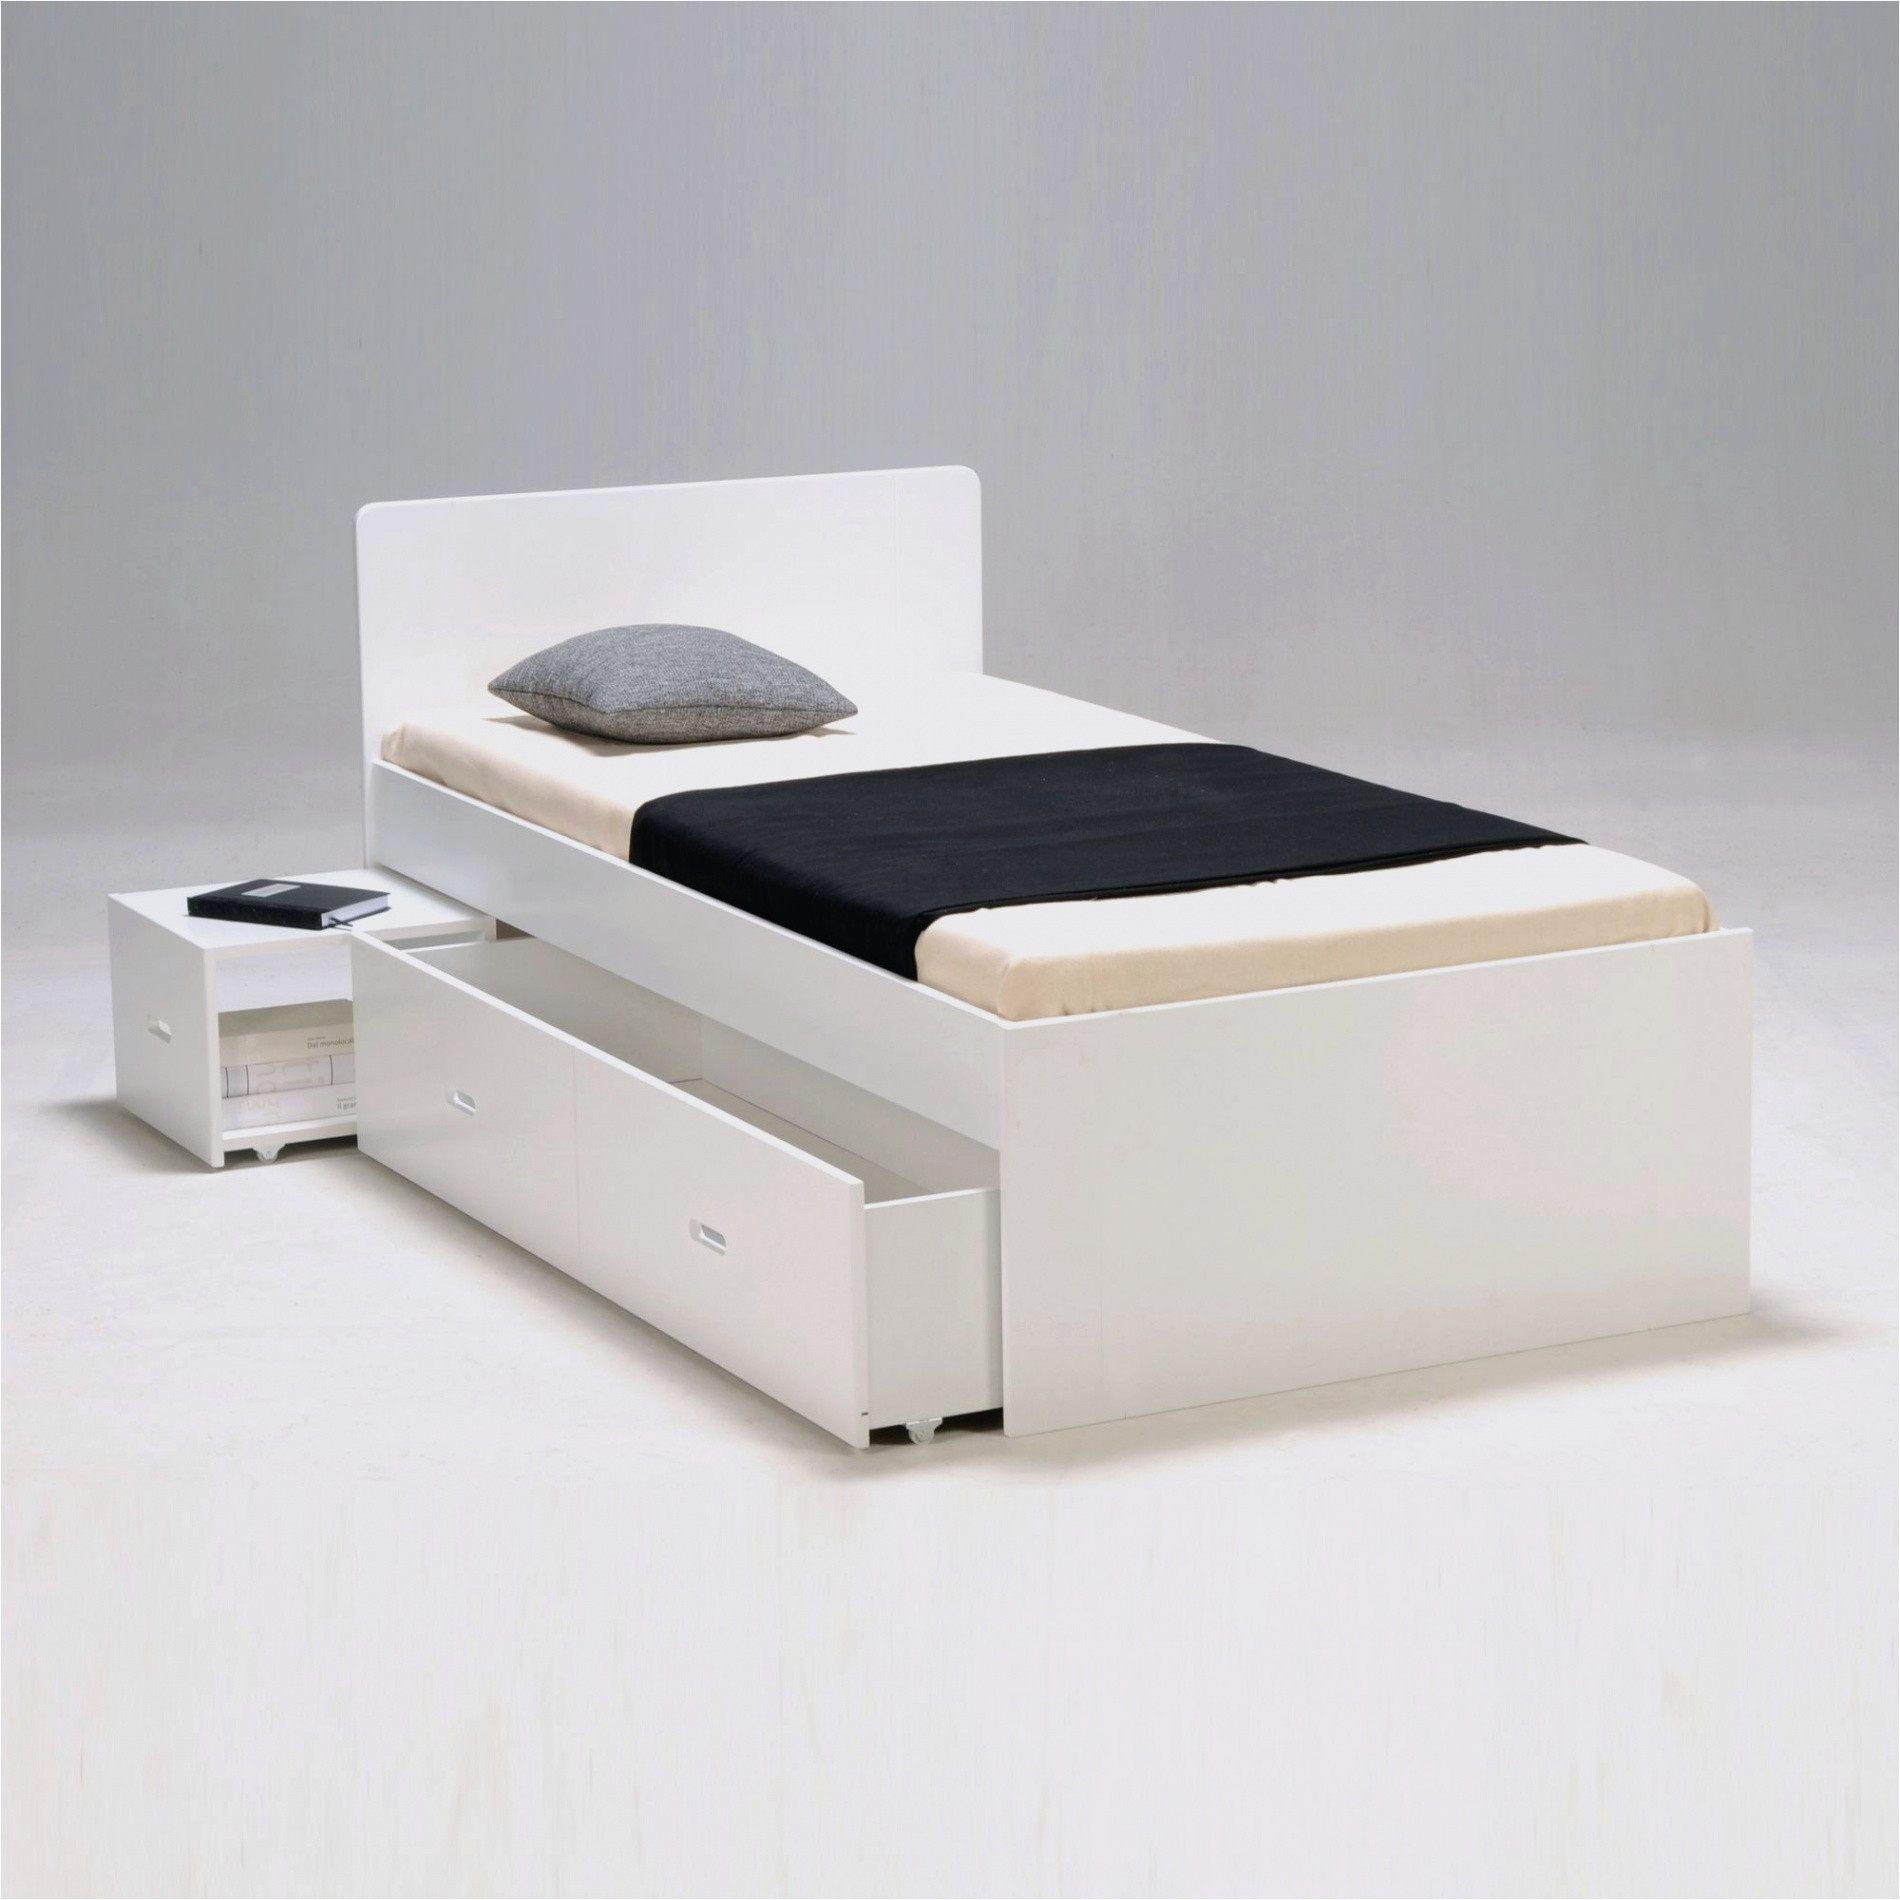 Lit Avec Rangement Ikea Fraîche Sommier 2 Places Lit Avec Rangement Meilleur De Sommier Ikea 140—190